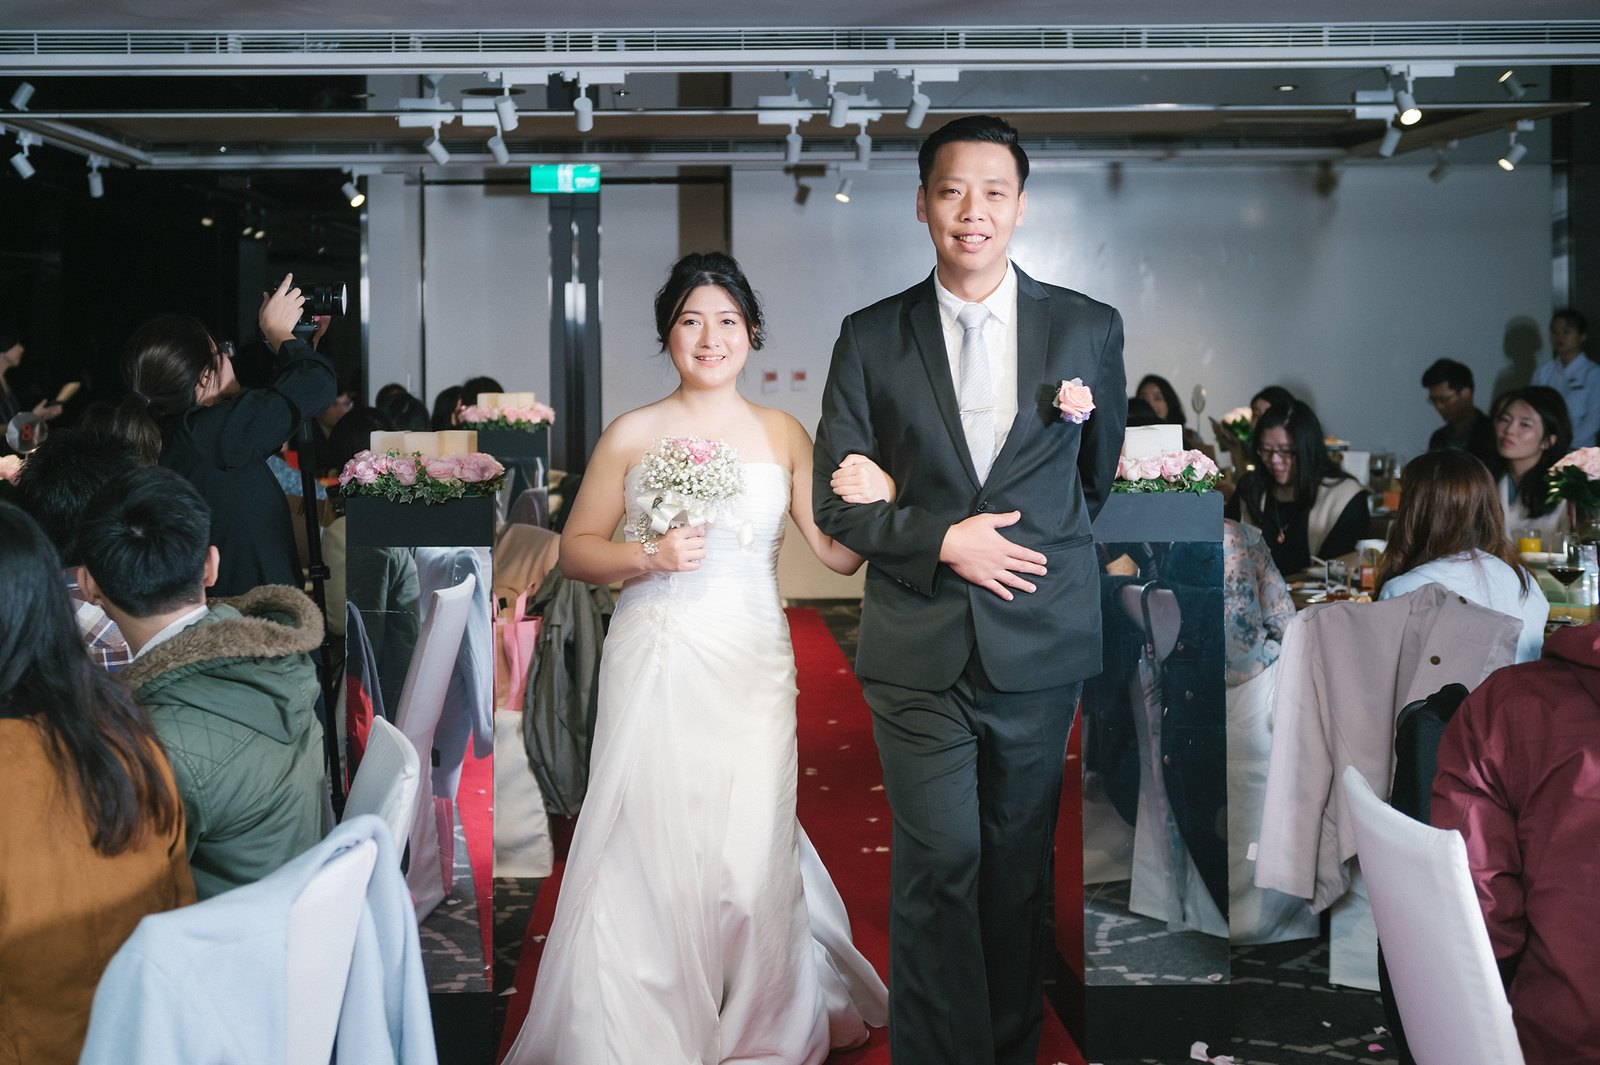 【婚攝】Eric & Tiffany / 晶華酒店 Regent / 中山基督長老教會